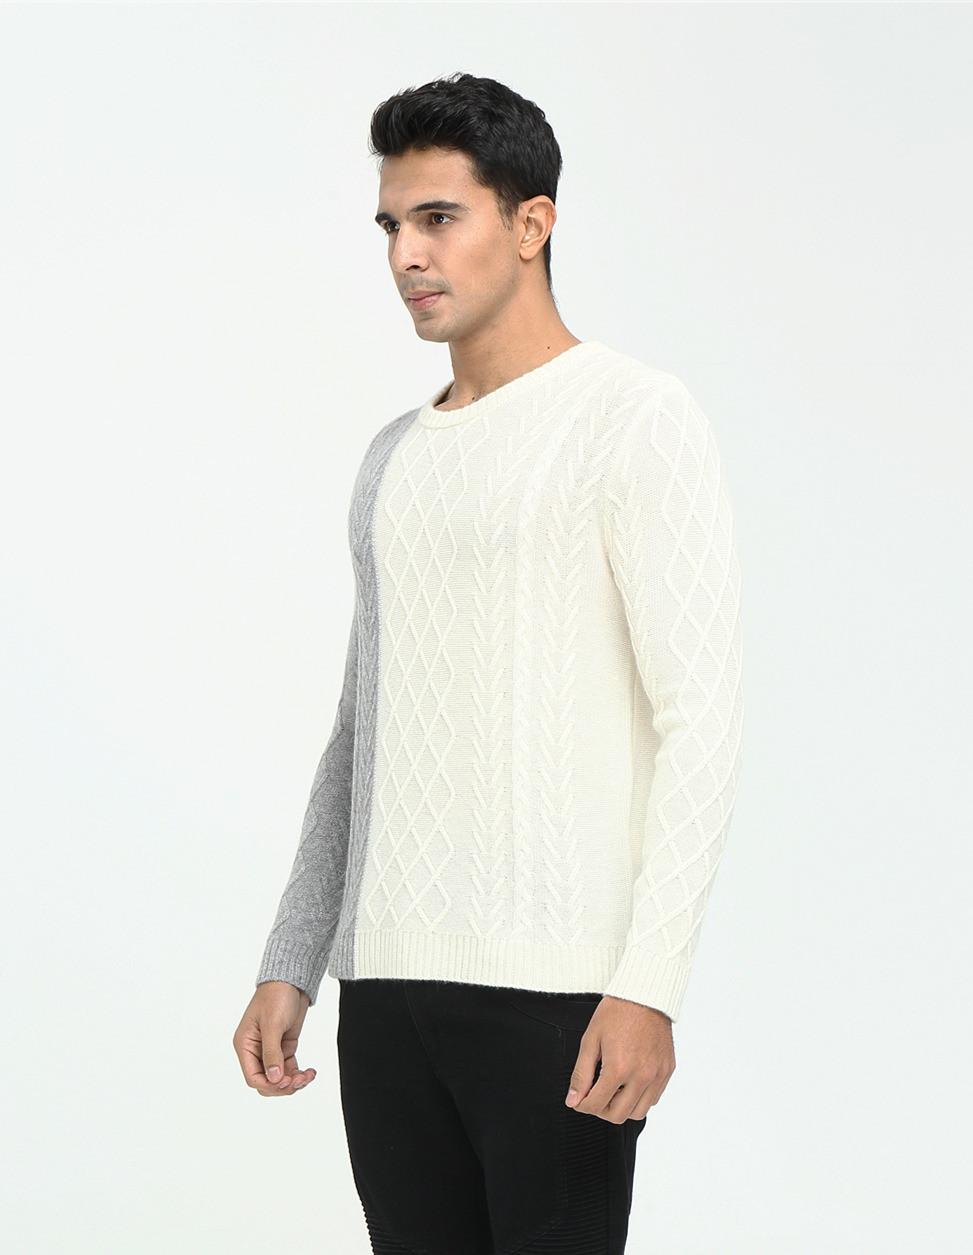 nuevo diseño 100% puro jersey de cachemir para hombres